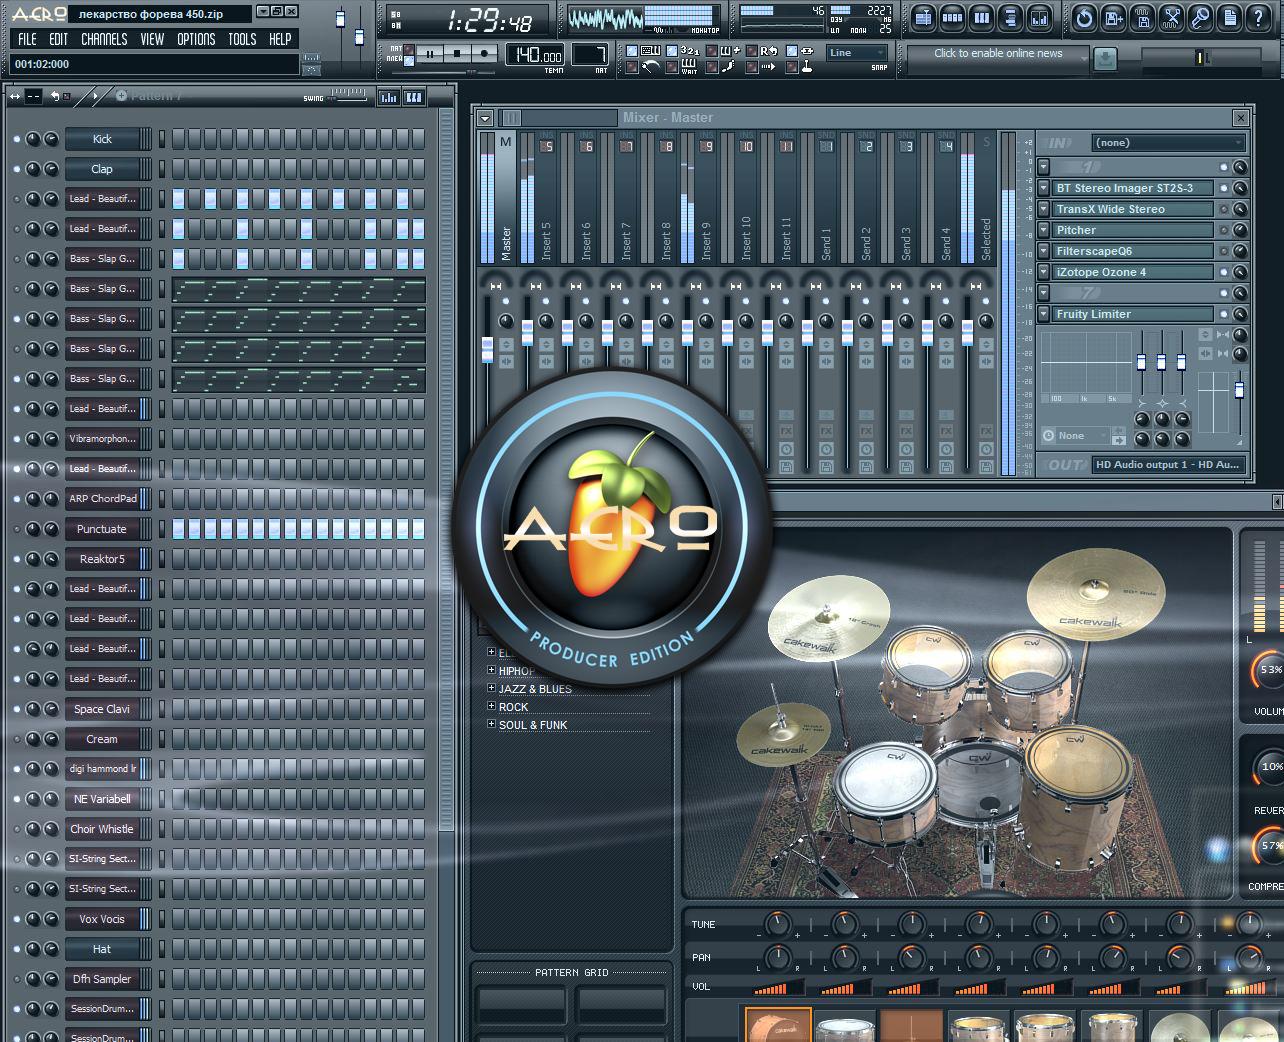 telecharger fl studio 10 gratuit complet